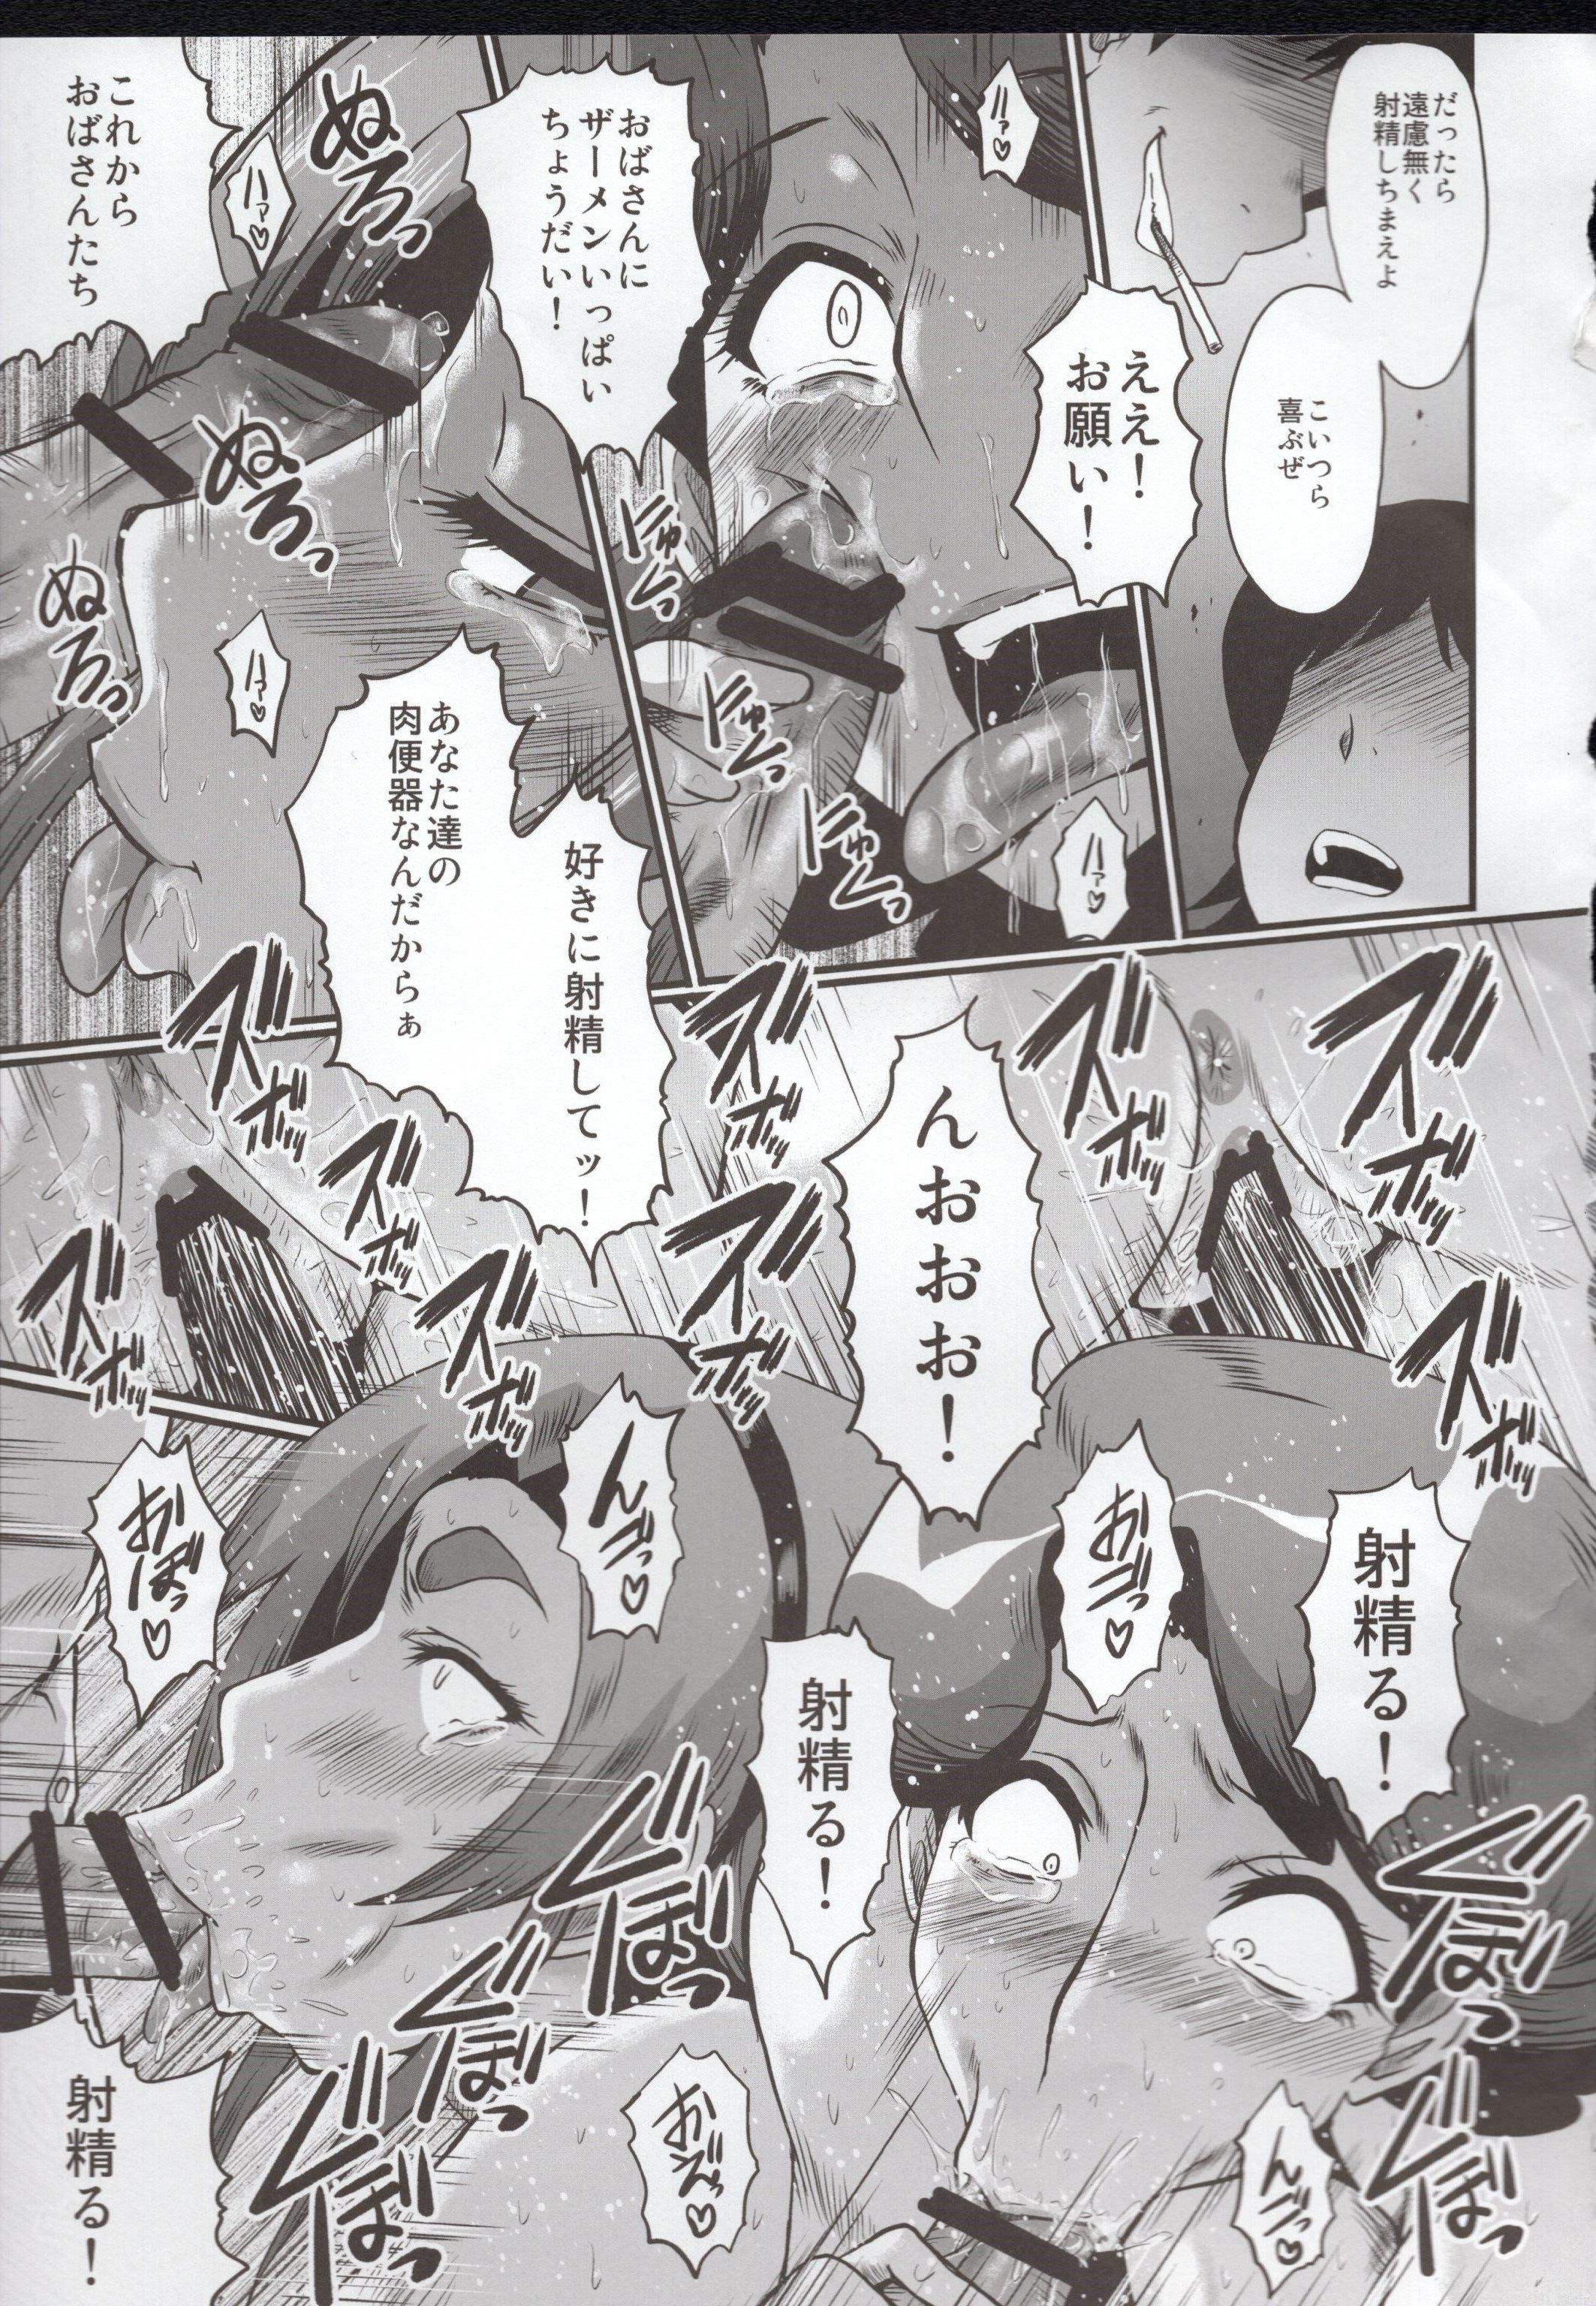 【エロ漫画】巨乳ビッチ人妻の春風はるか、飛鳥みのりが若いチンポに貪りつきアヘ顔全開ハメ撮り中出し乱交しちゃってますwwwww